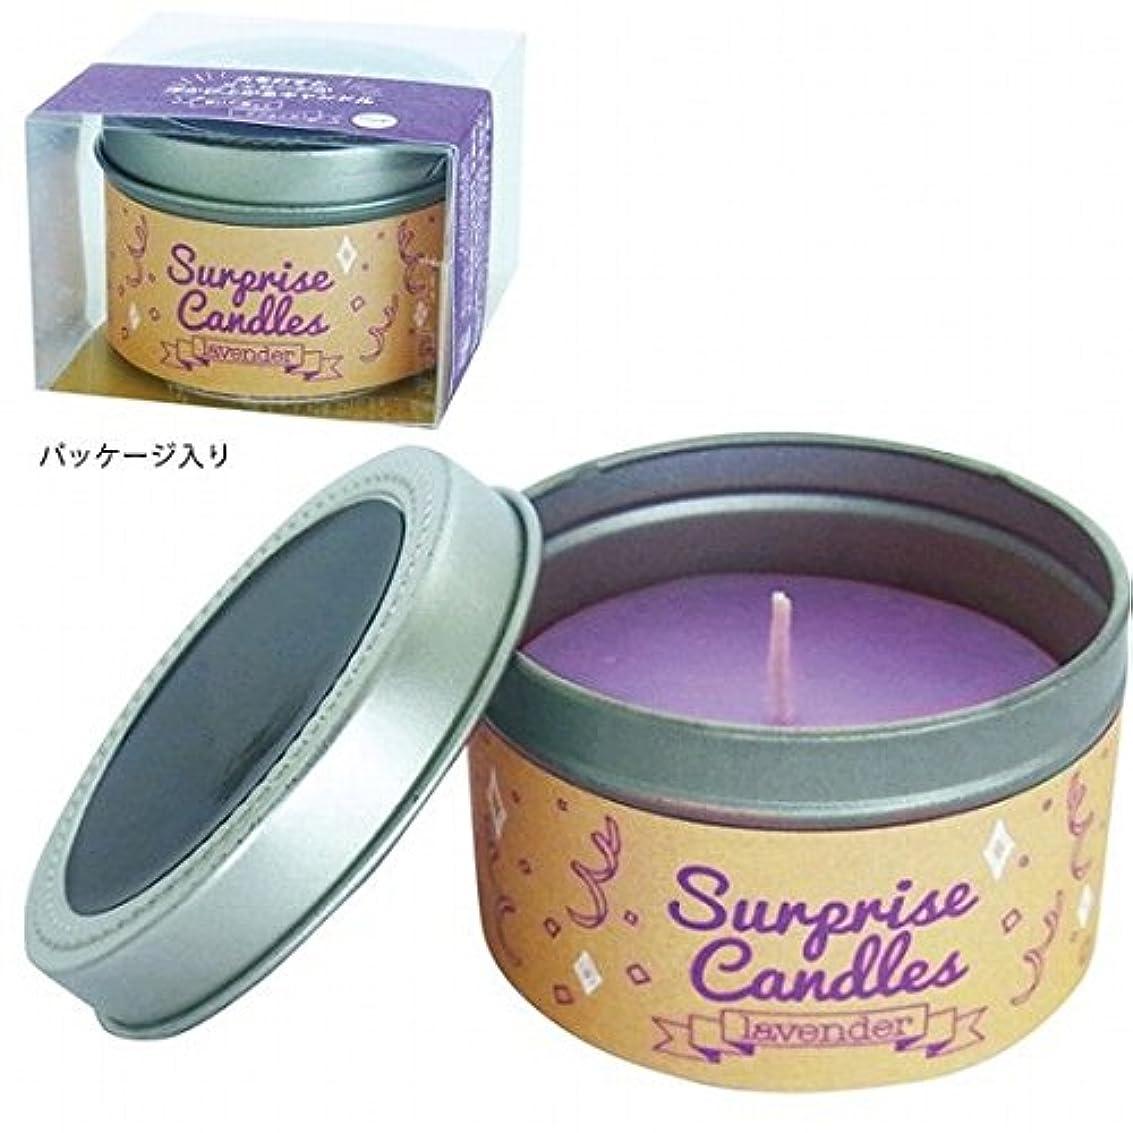 秀でる反射五kameyama candle(カメヤマキャンドル) サプライズキャンドル 「ラベンダー」(A207005020)